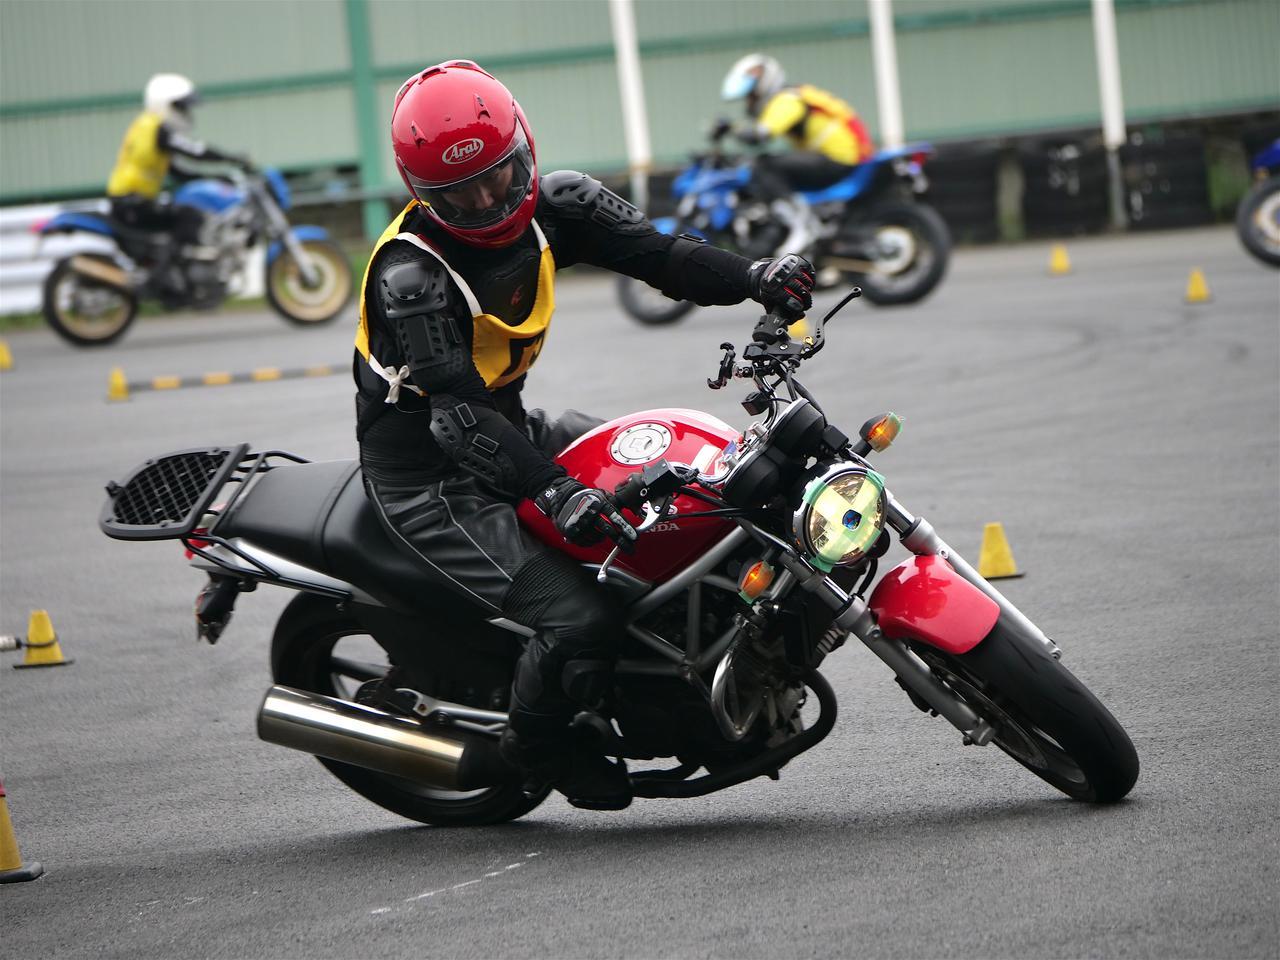 いまジムカーナで一番人気のバイクとは? じつはホンダのあの250ccだった!